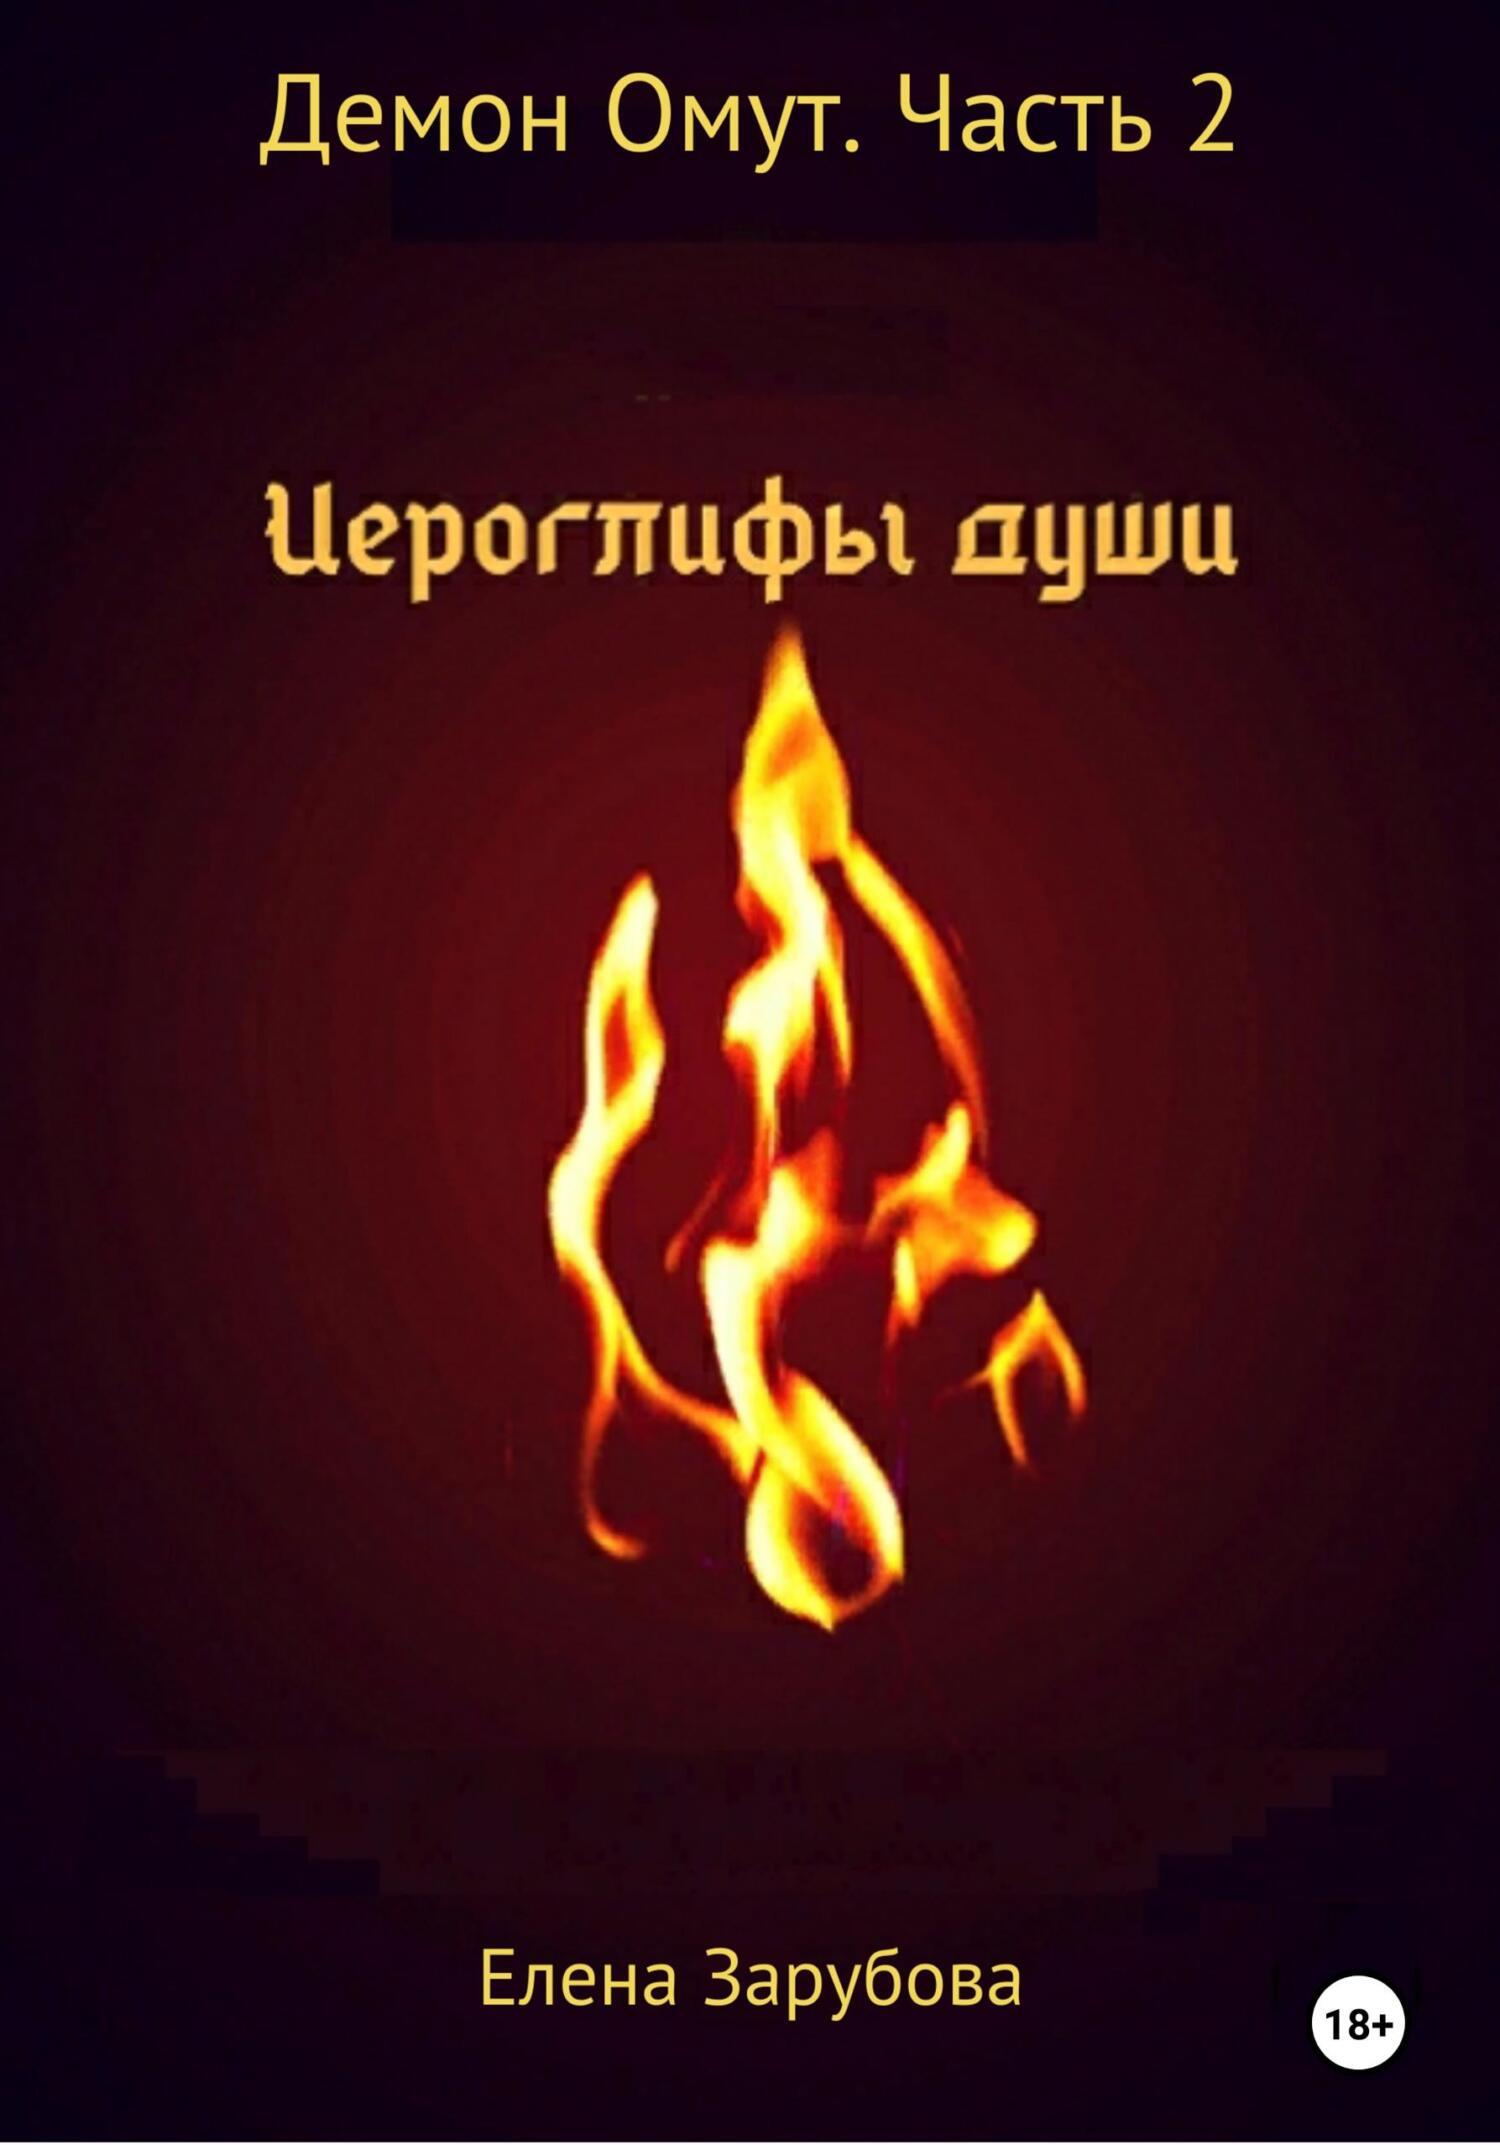 Елена Сергеевна Зарубова Демон Омут. Часть 2. Иероглифы души елена усачева зеркальный демон